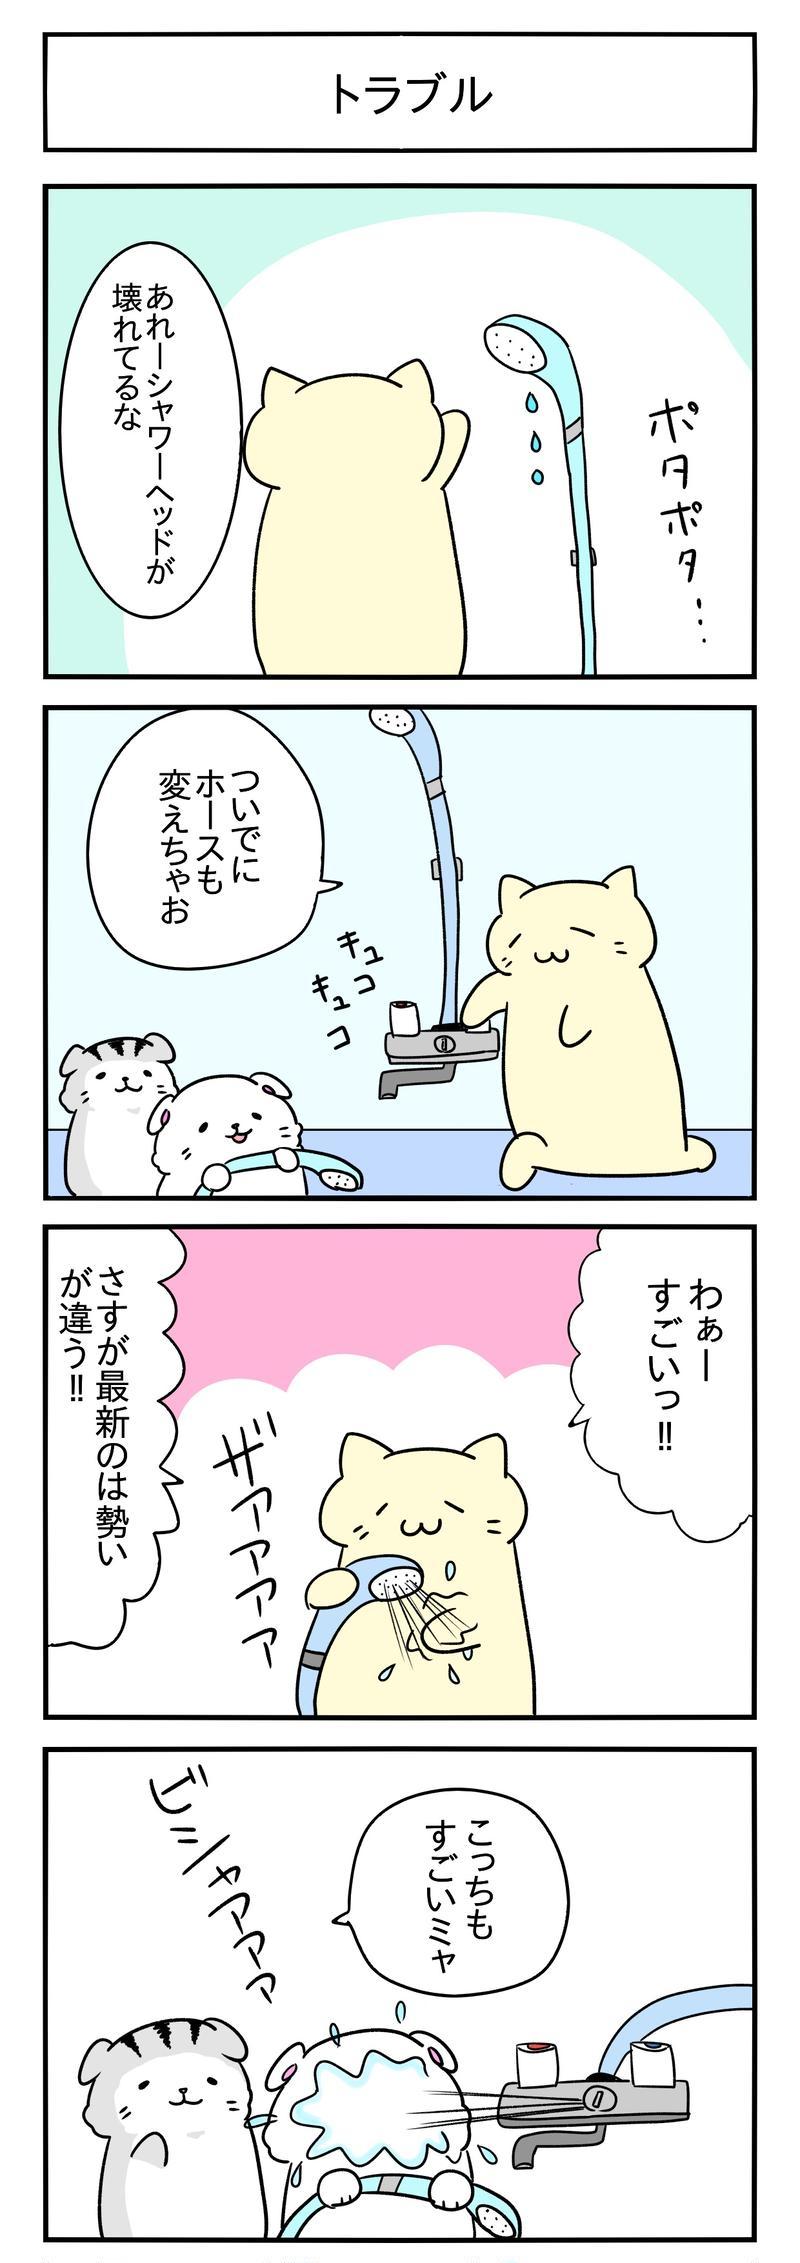 キャラ紹介+マンガ数本